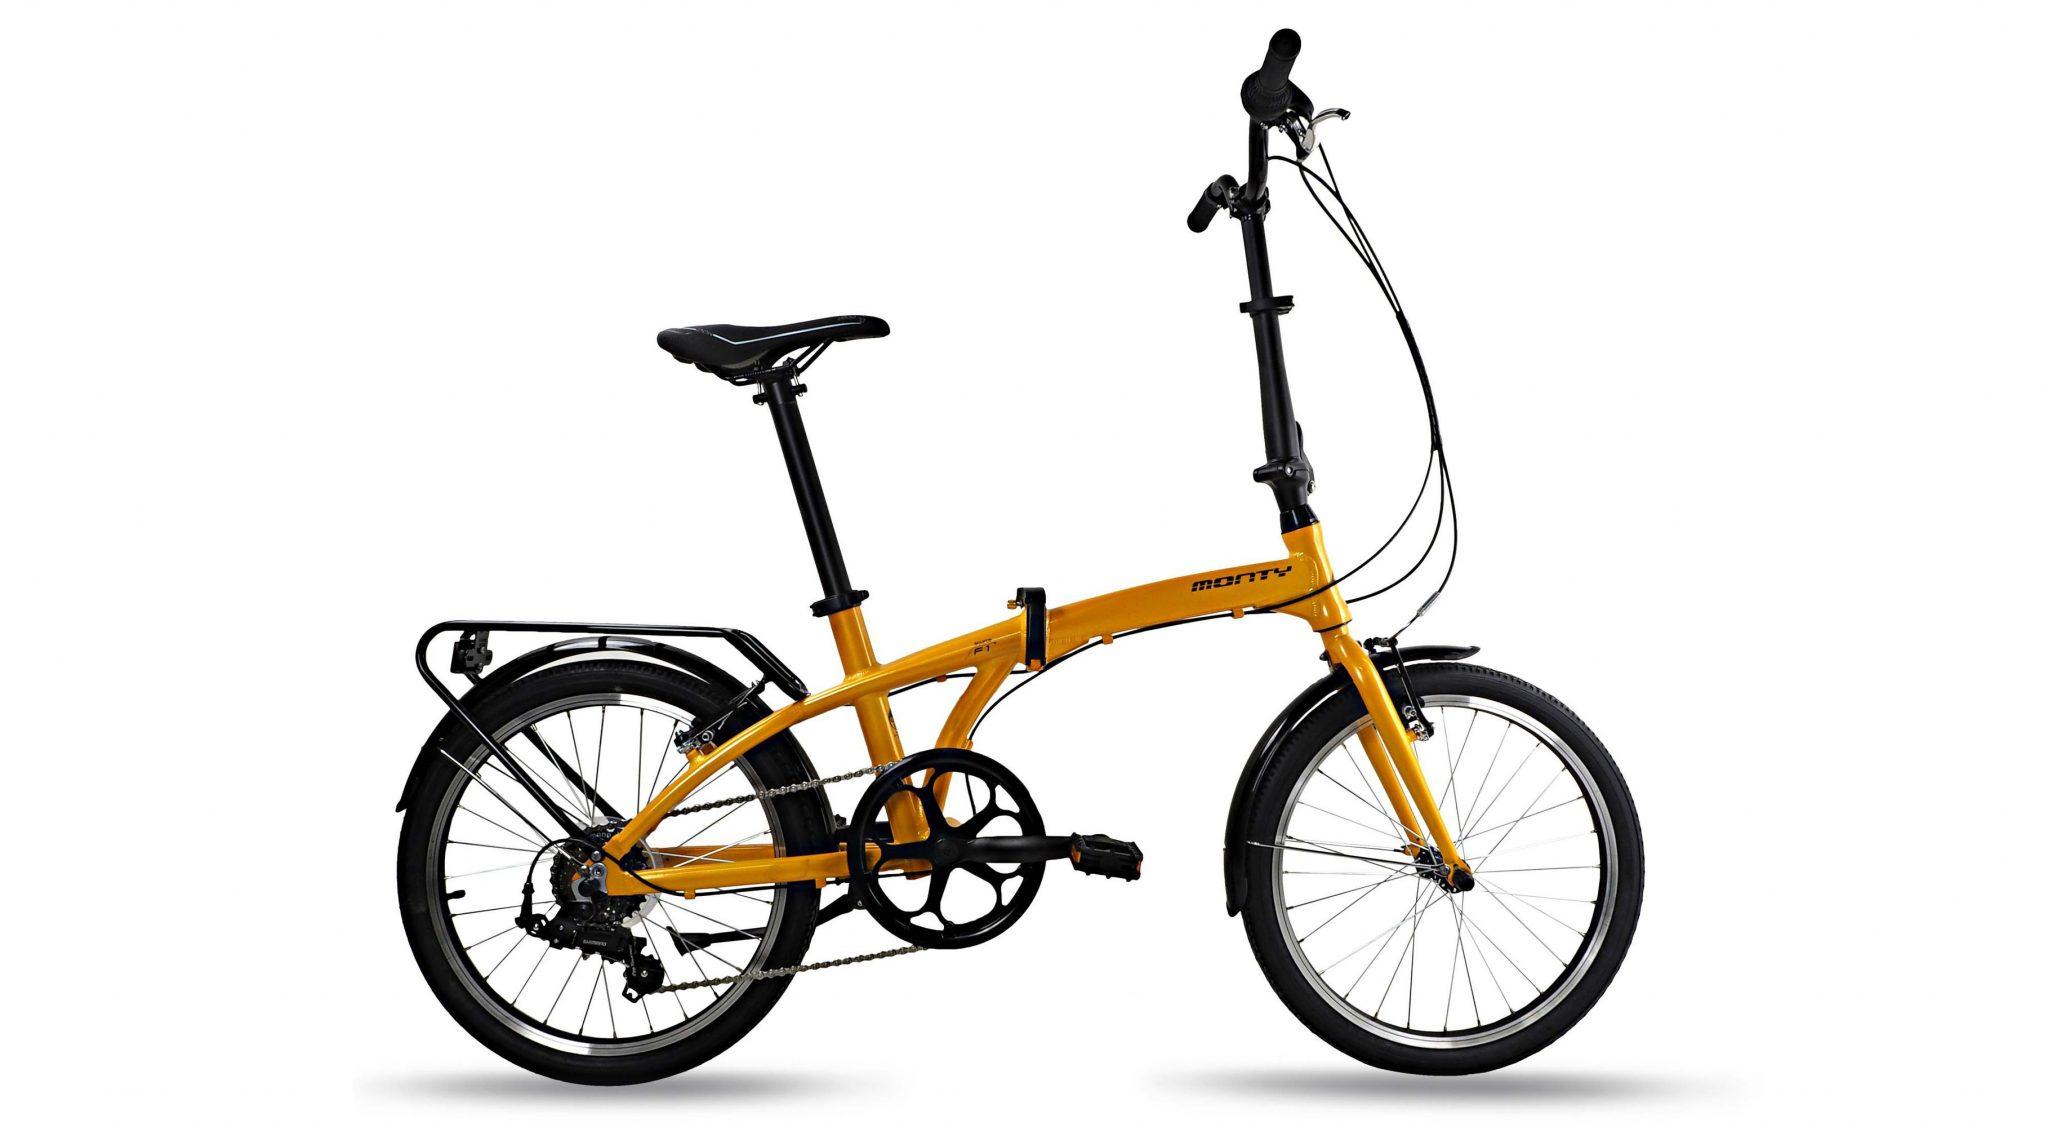 bicicleta outlet oferta